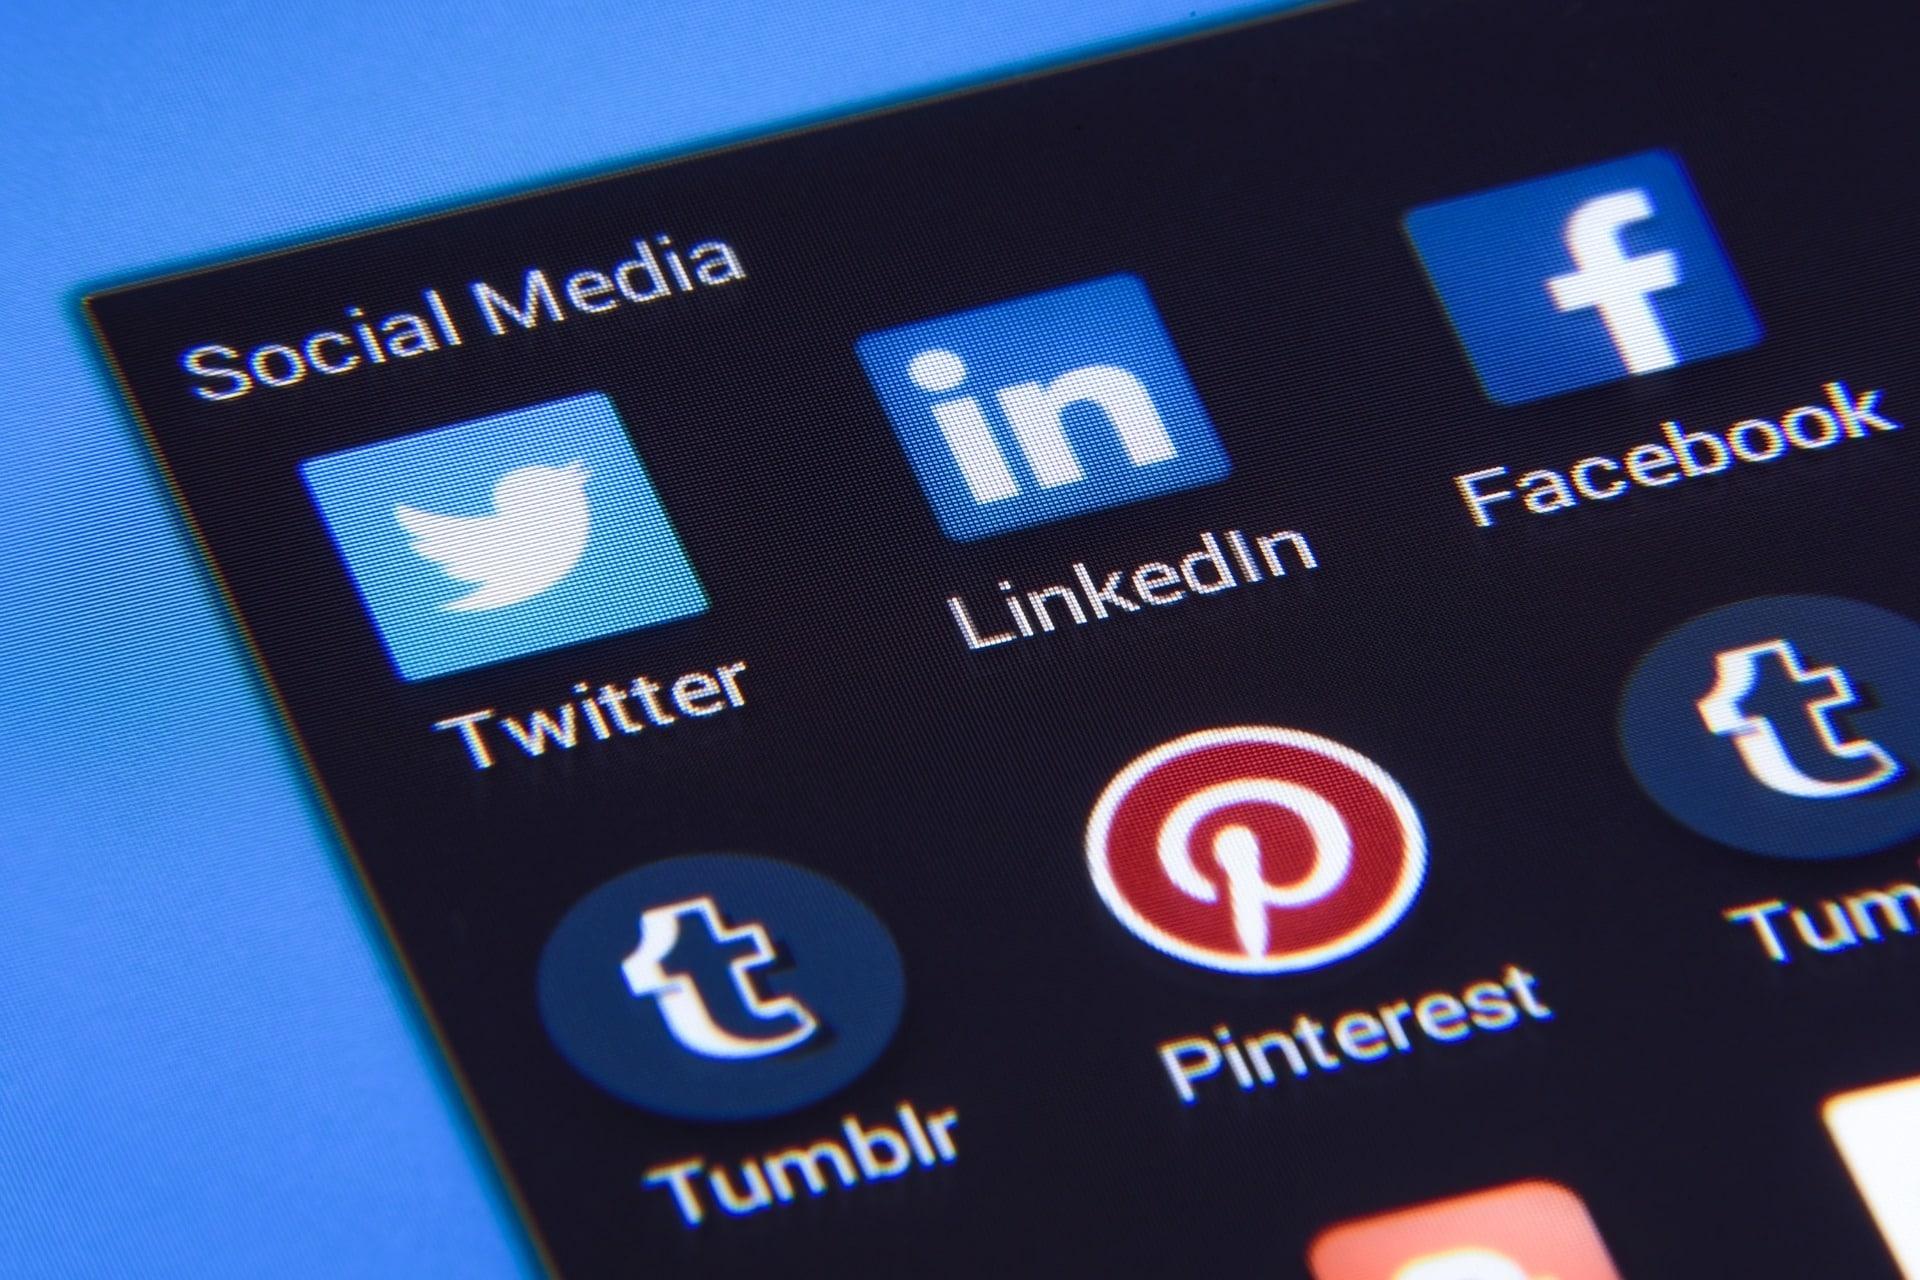 Innovazione digitale: come sta cambiando il modo di fare marketing attraverso il web e i social?